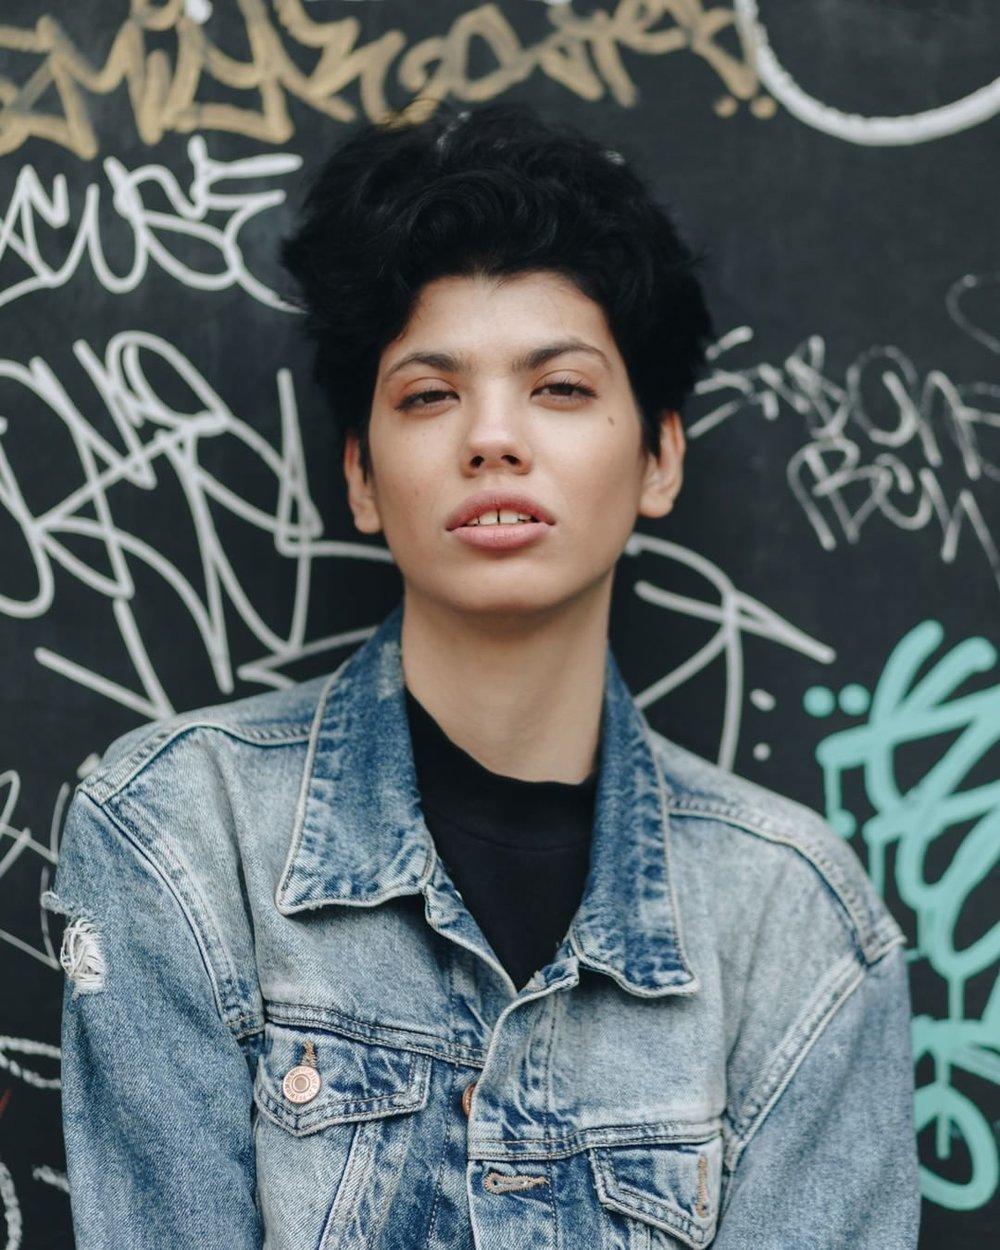 Alexia Olguin Brooklyn portrait photography by Megan Breukelman